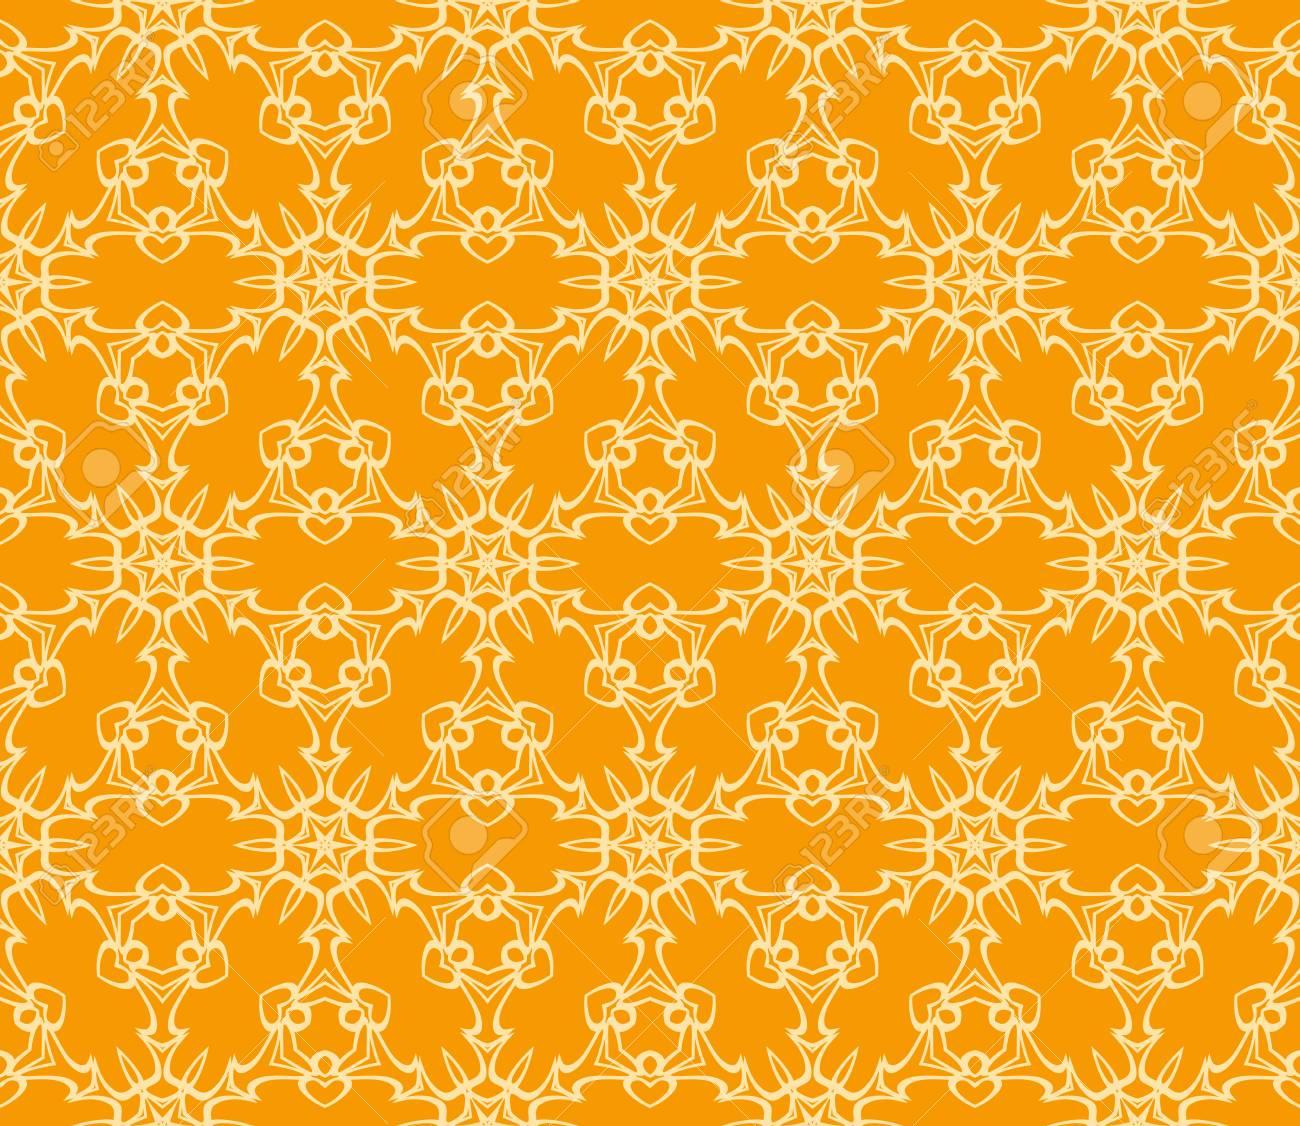 98879780 floral pattern vector illustration orange color for design wallpaper background fills fill card bann